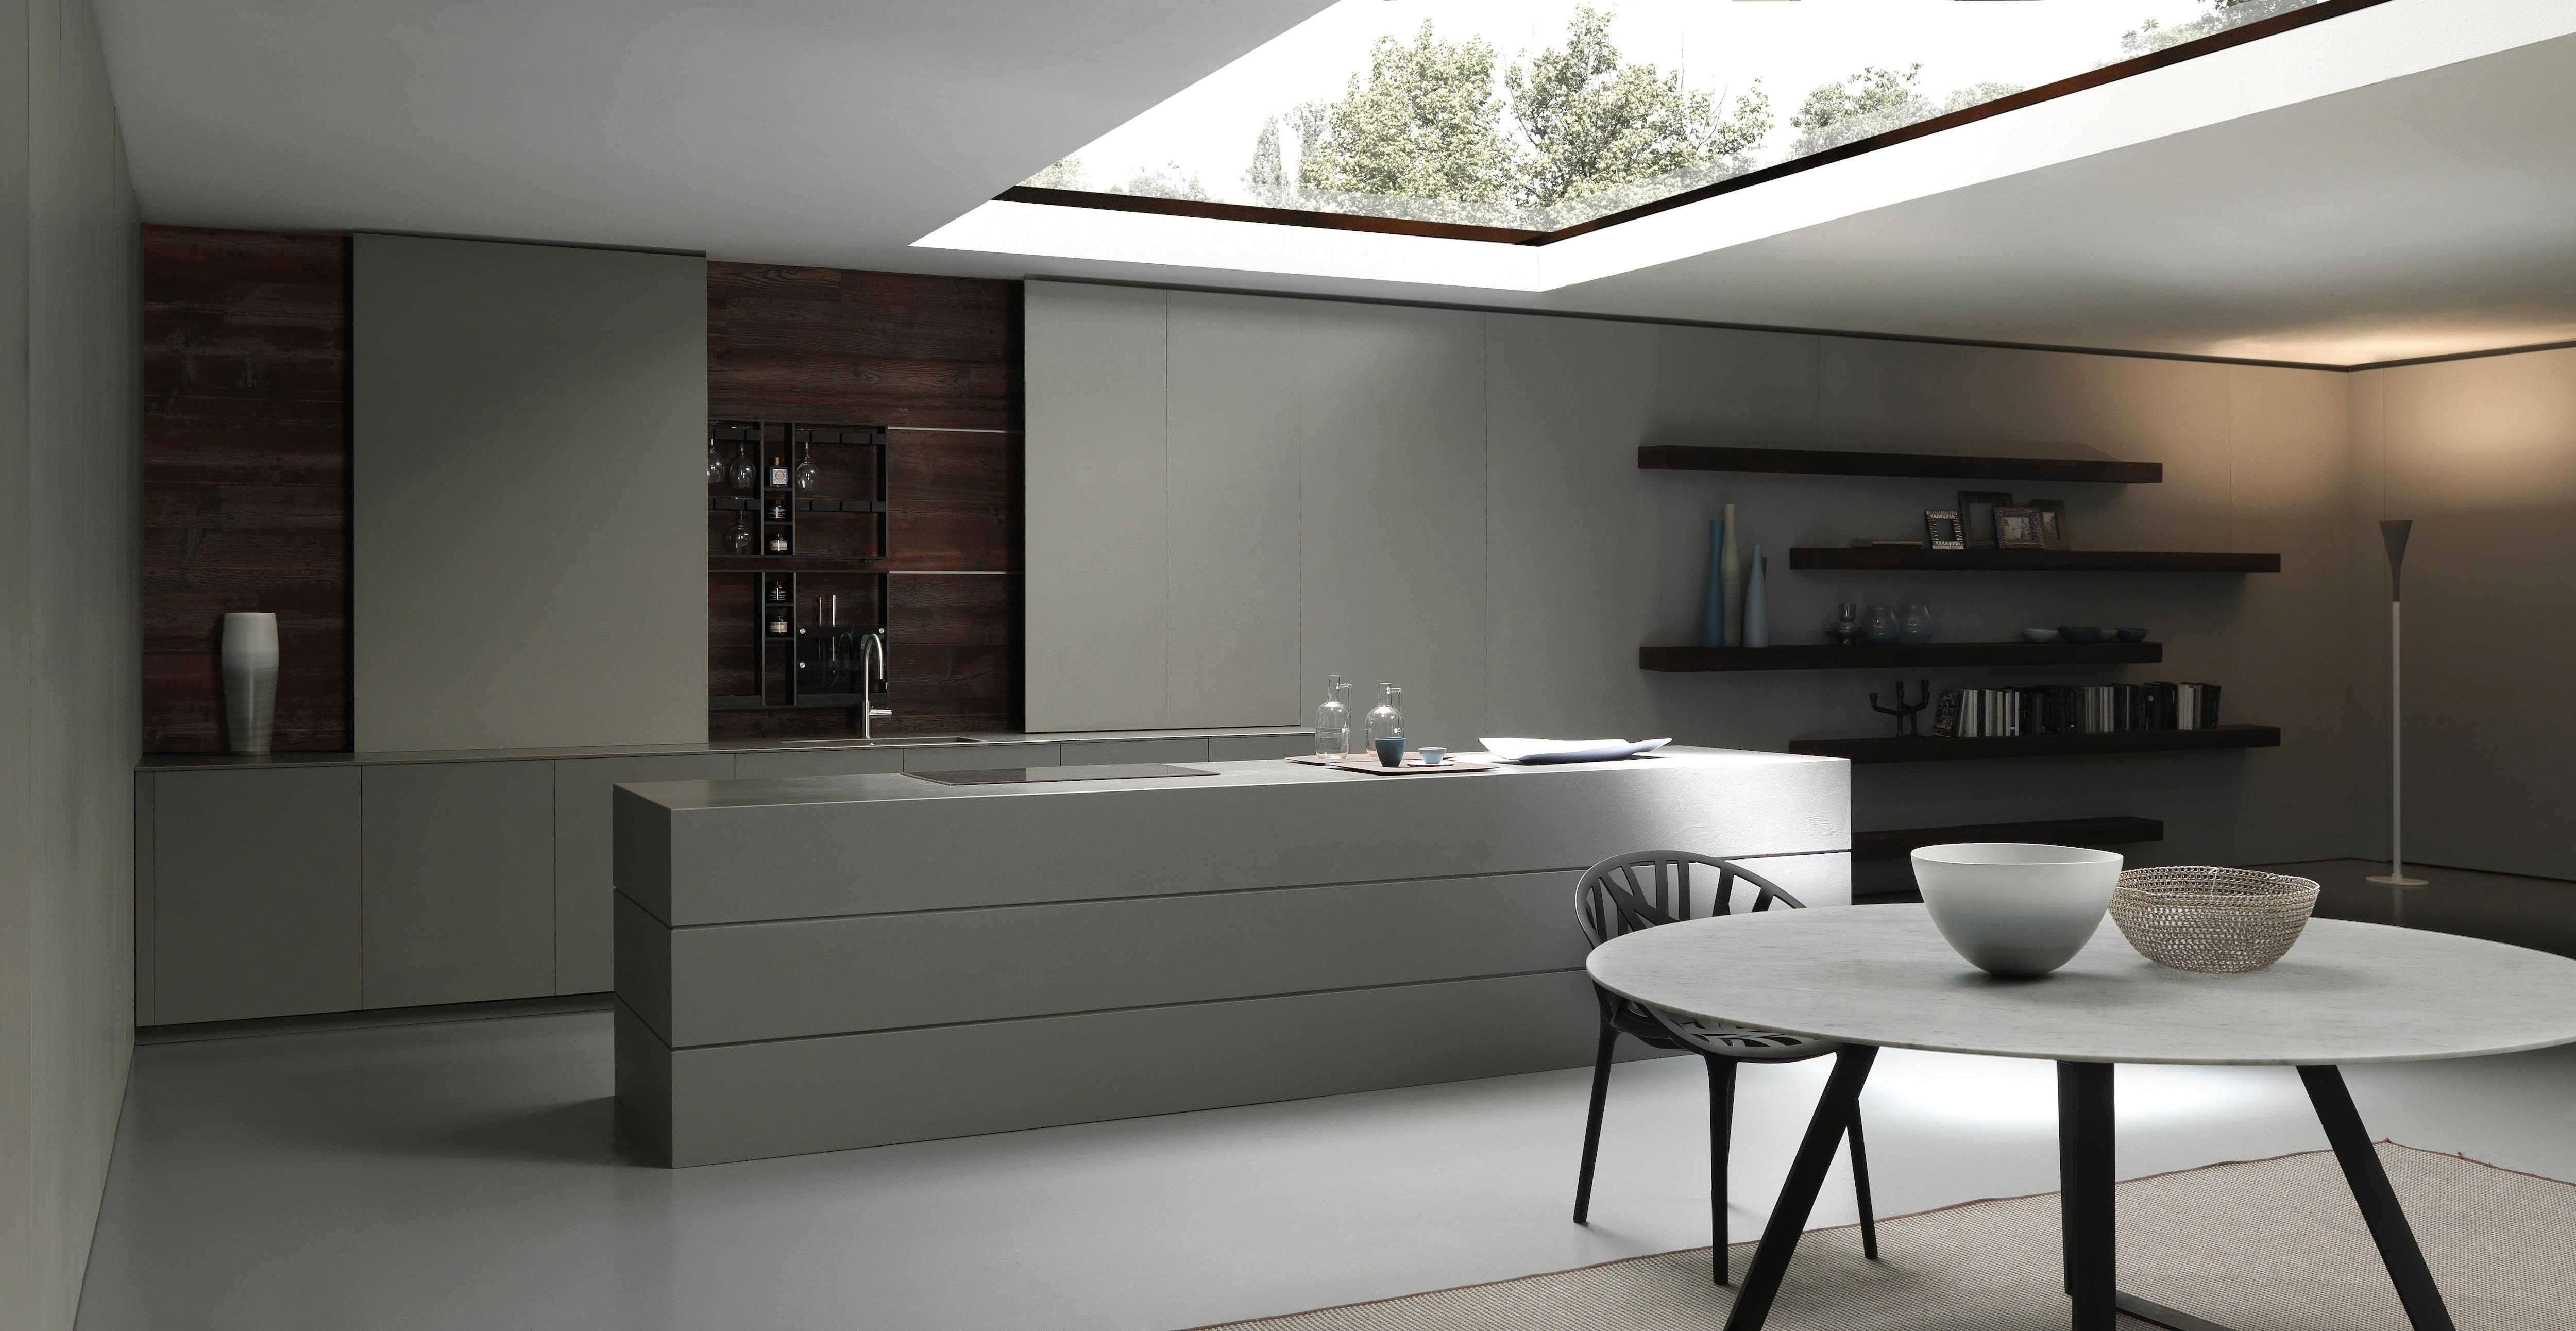 Modulnova Blade 4_Veduta cucina e soggiorno con tavolo Iron in marmo ...